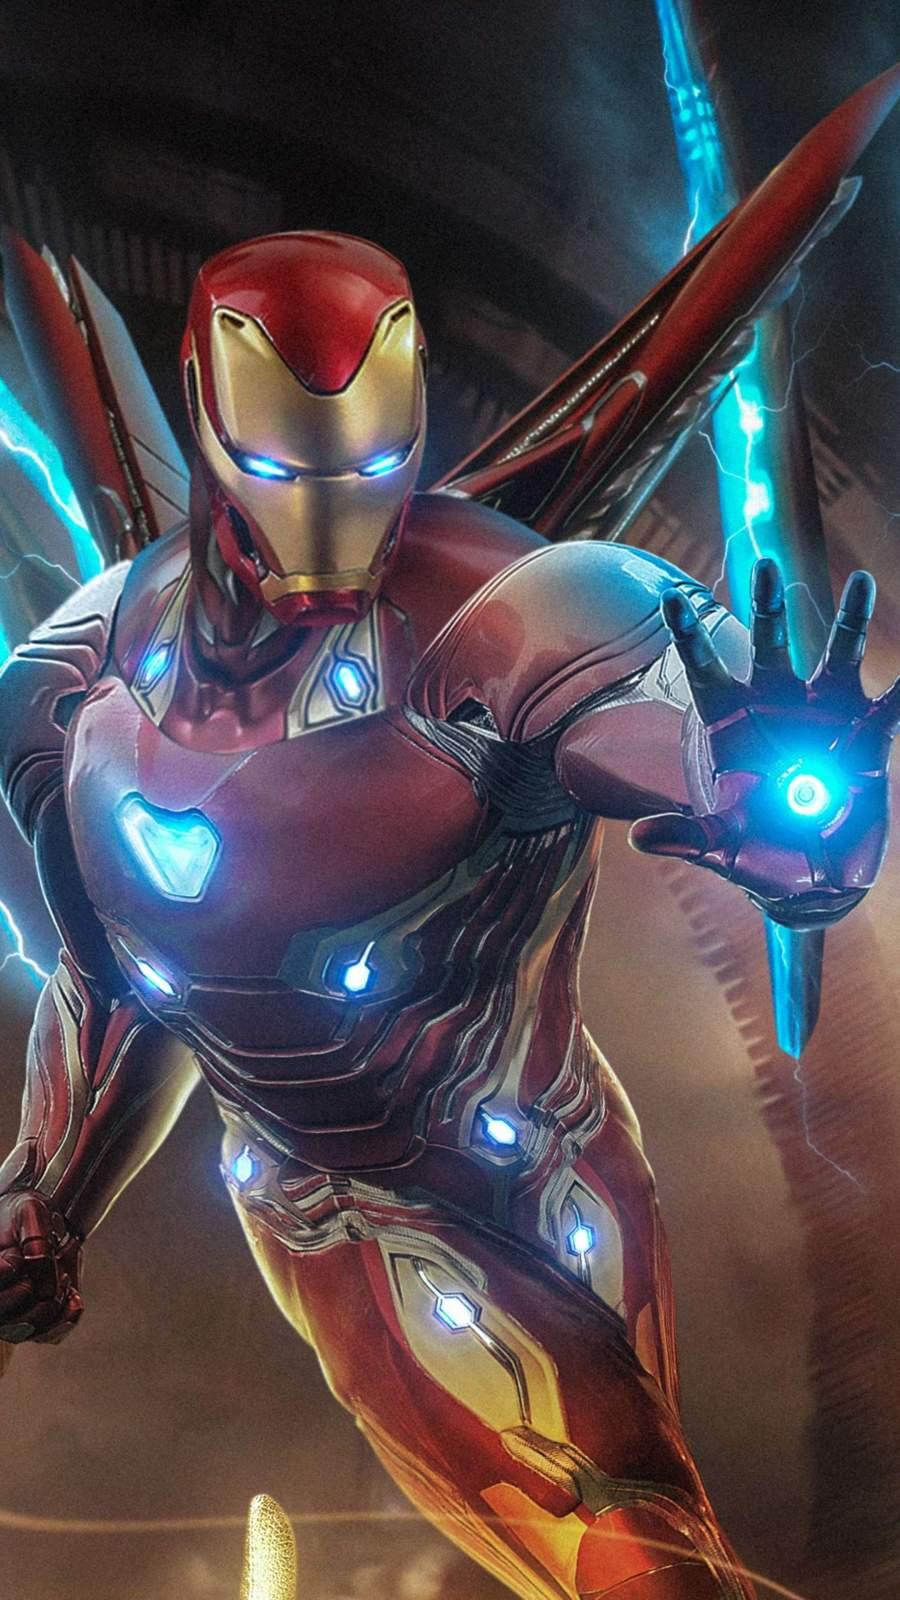 Iron Man Endgame Fighting iPhone Wallpaper